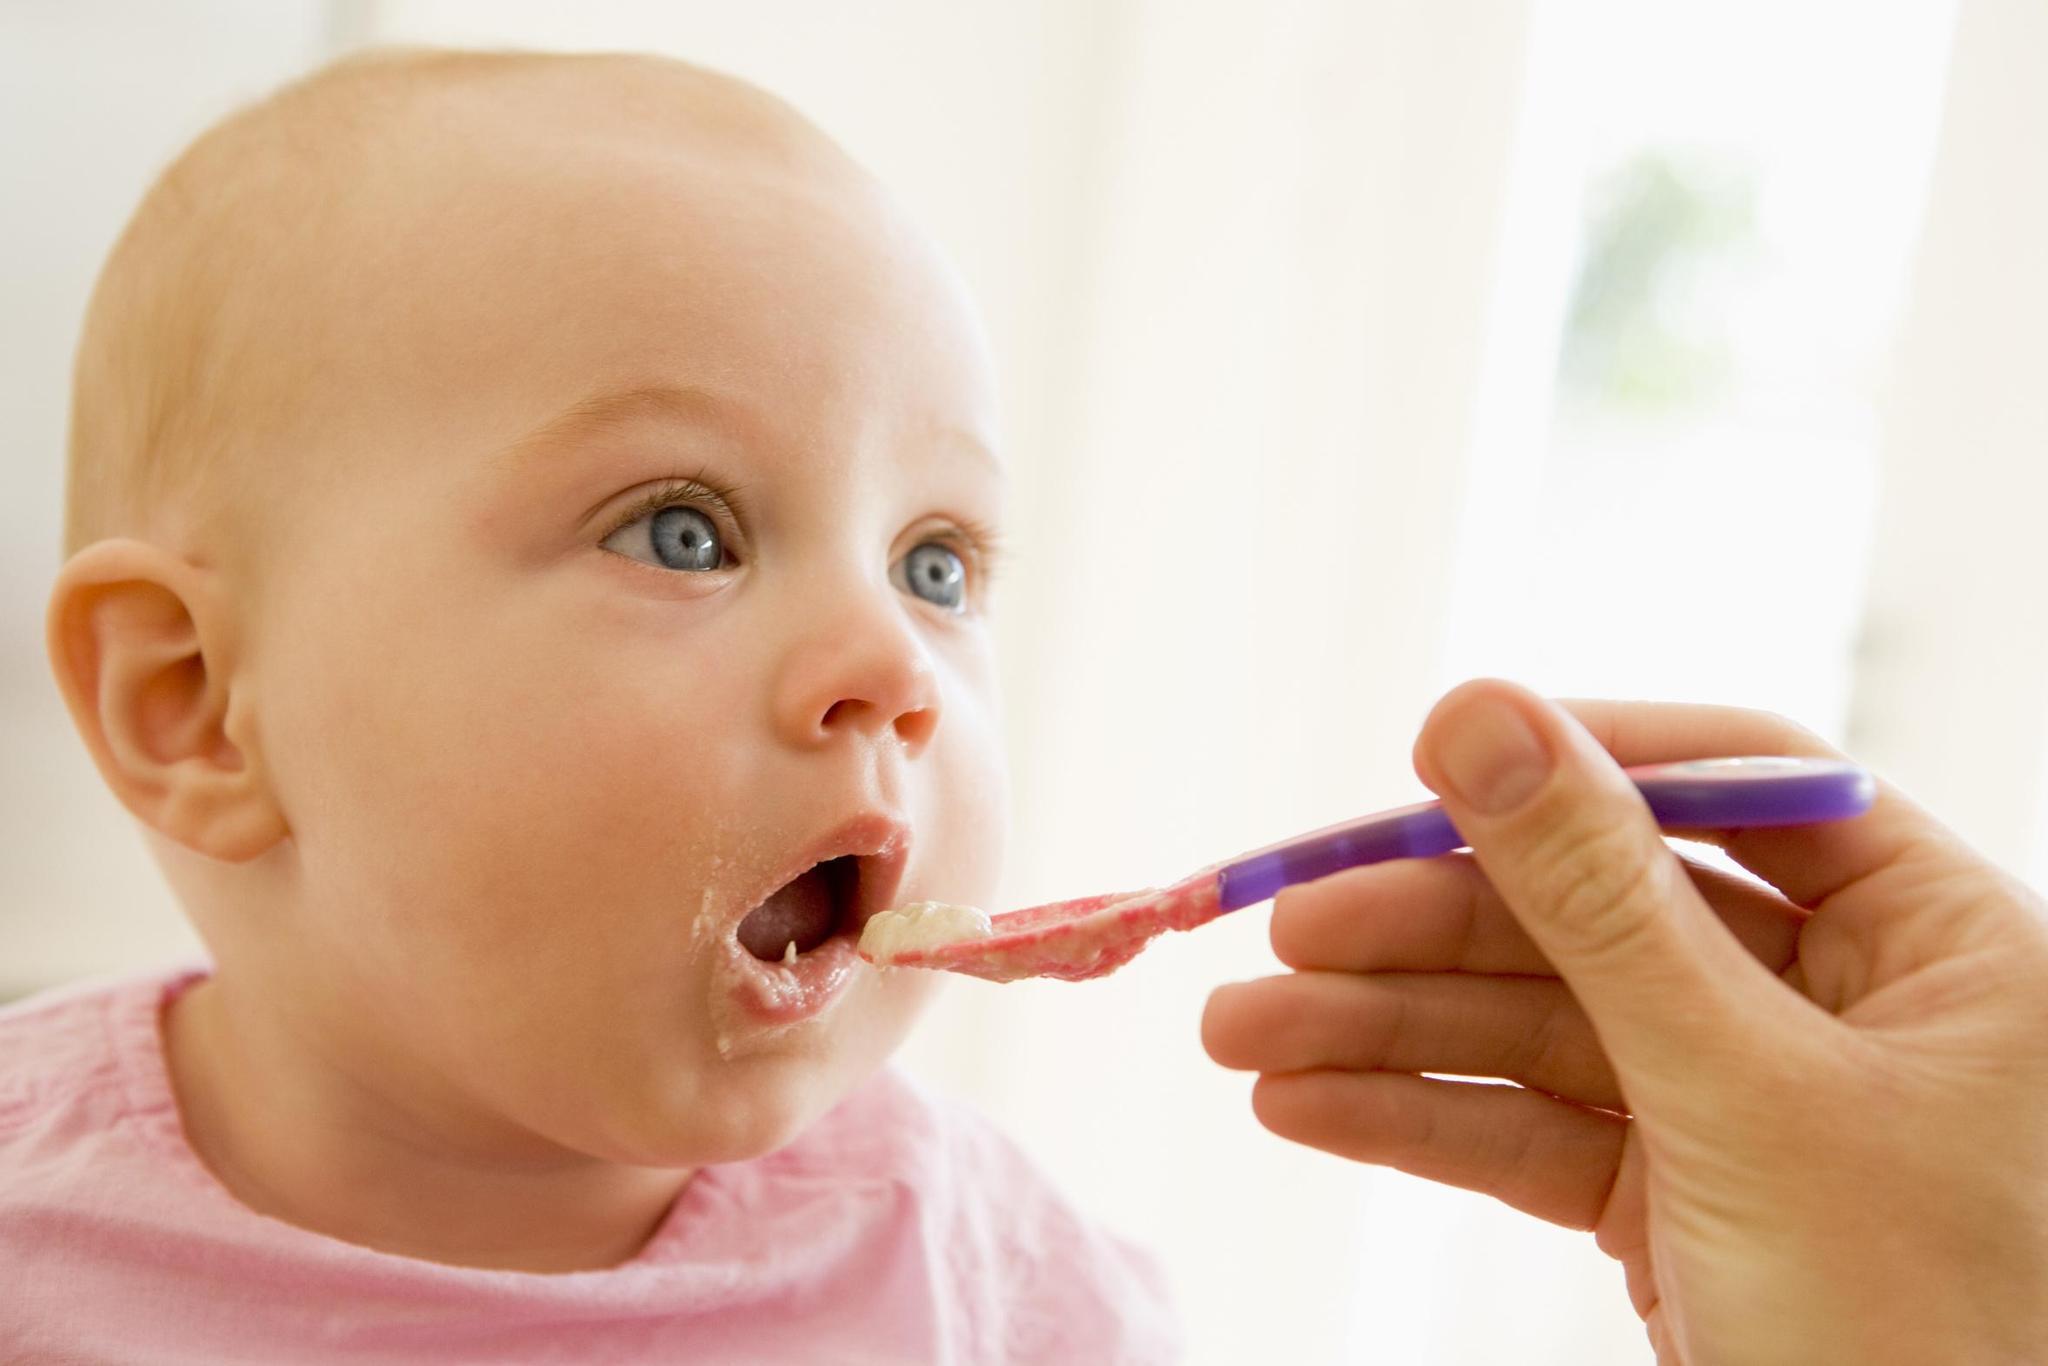 Bebeklerde Solunumun Tıkanıklığı Nasıl Anlaşılır?